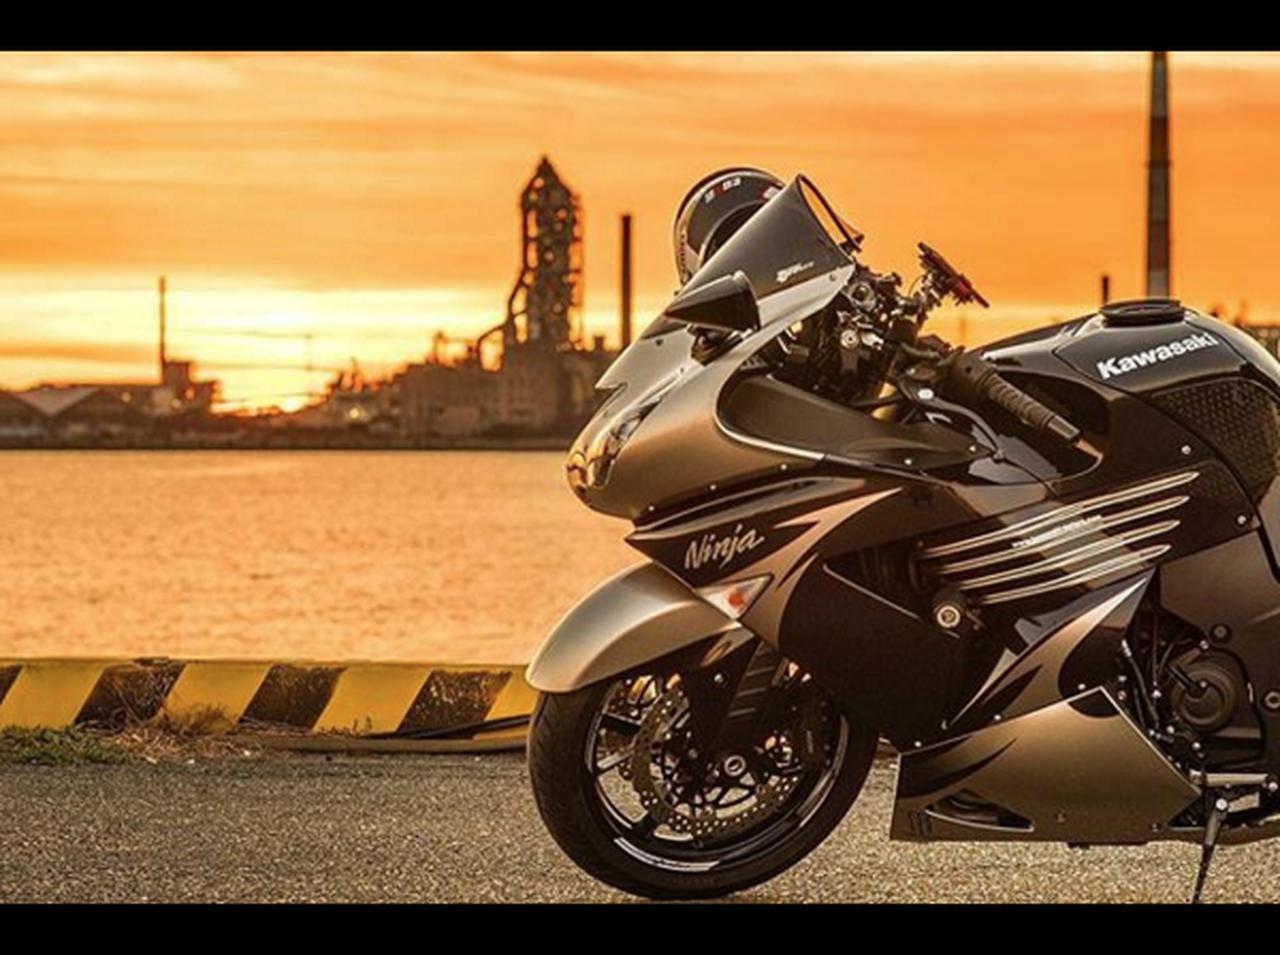 画像: 目を奪われたのは海沿いを走るカワサキ Ninja ZX14R!【グラカワインスタ紹介Vol.18】 - LAWRENCE - Motorcycle x Cars + α = Your Life.